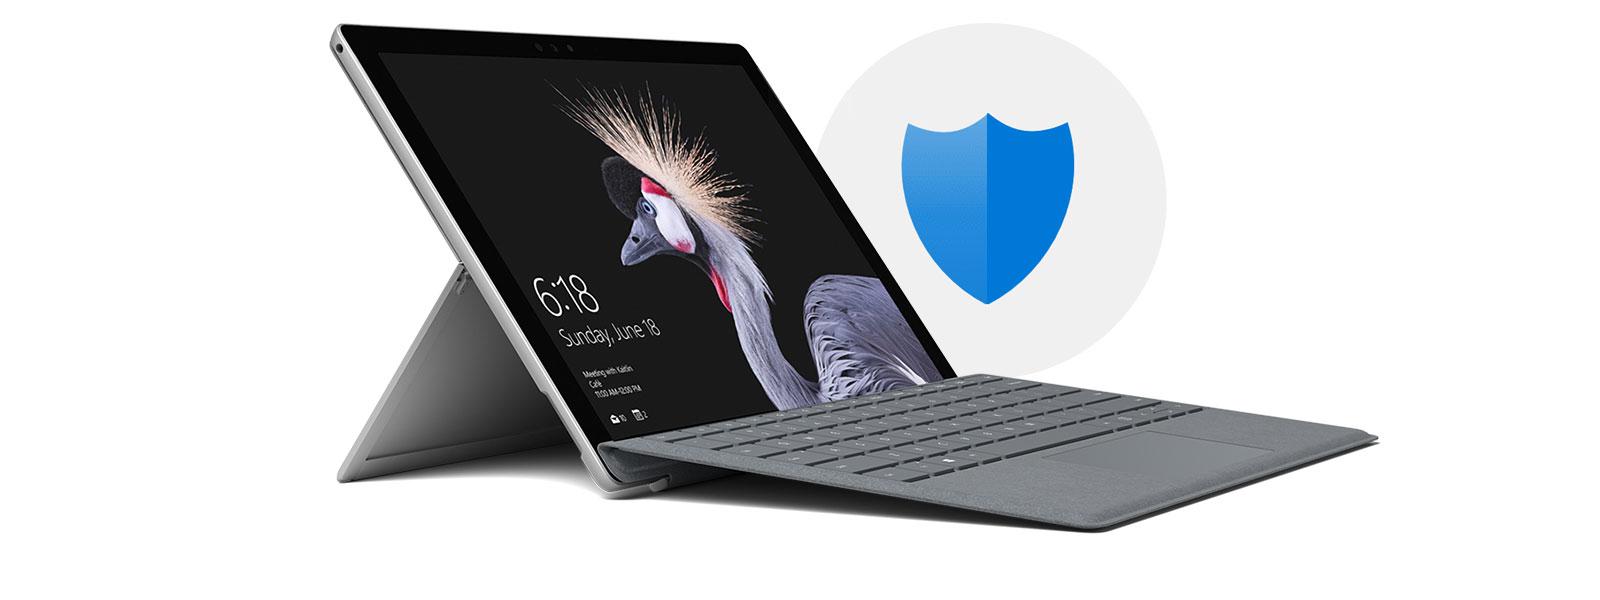 Surface Pro en mode ordinateur portable avec l'écran de démarrage, orienté vers la droite et une icône de protection de la sécurité en arrière-plan.